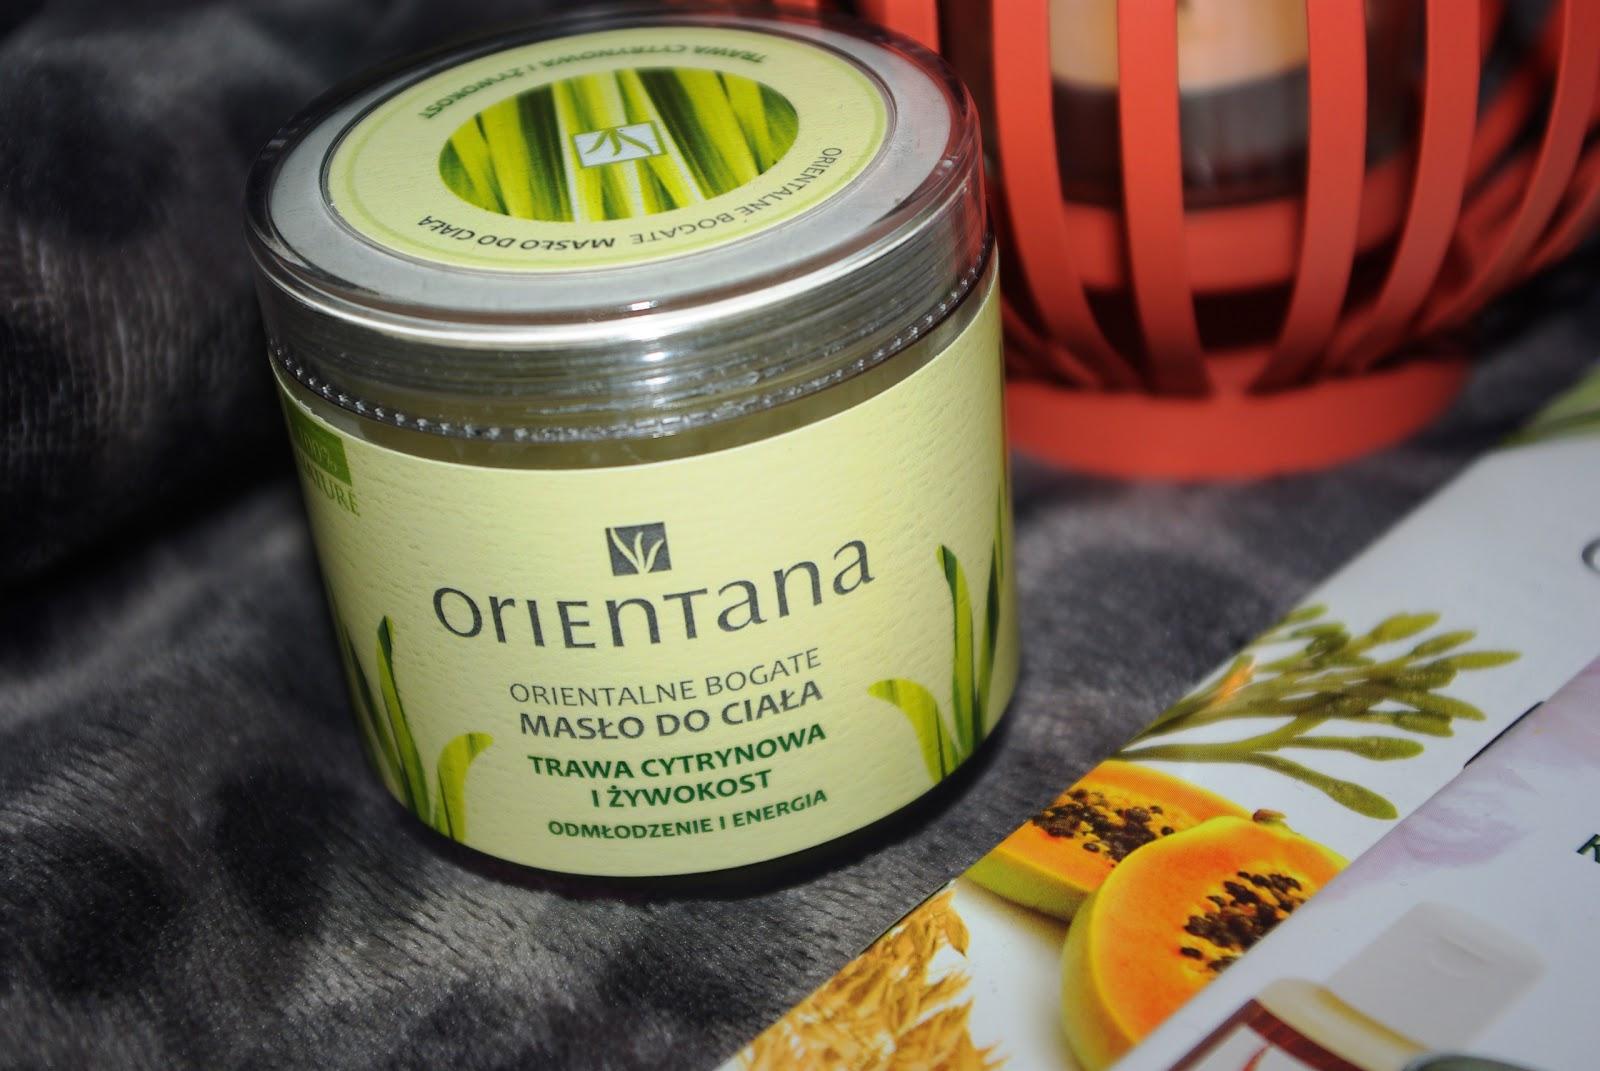 Orientalne bogate masło do ciała - Trawa cytrynowa i żywokost - Orientana